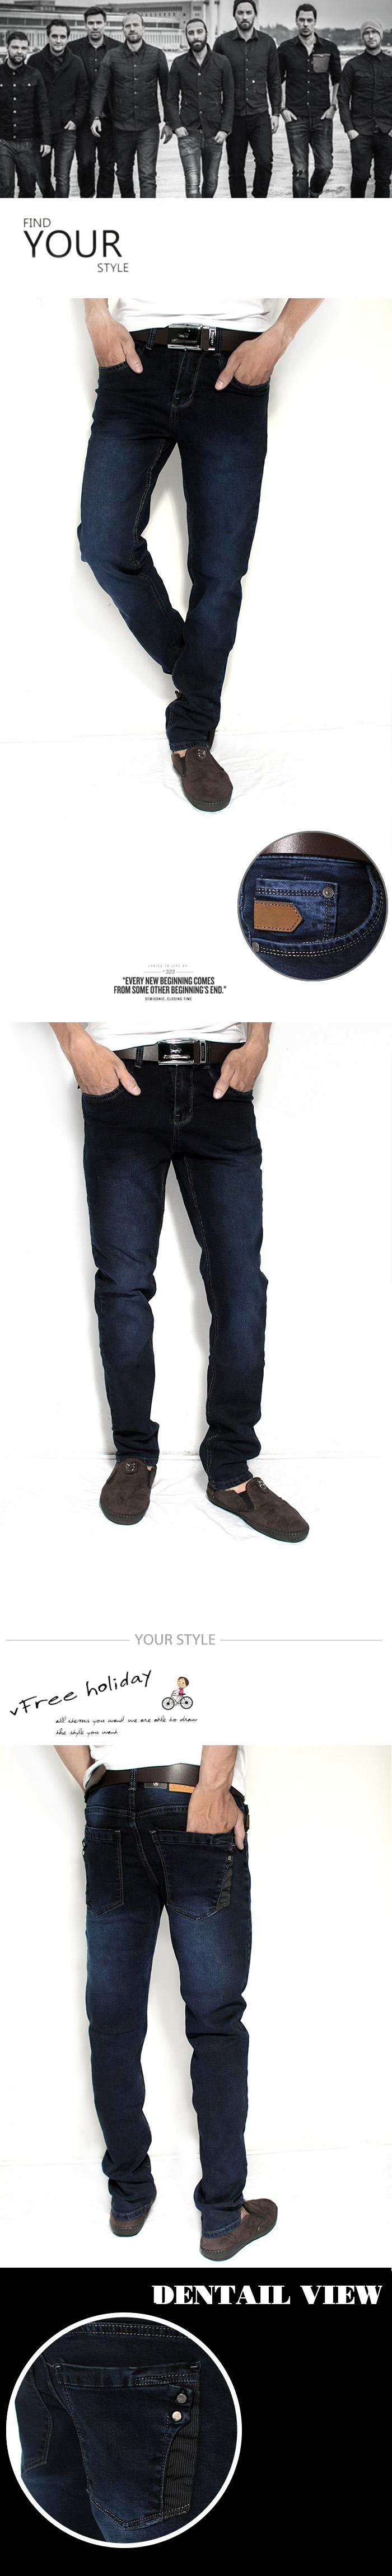 Quần jean xanh đen qj1179 - 1